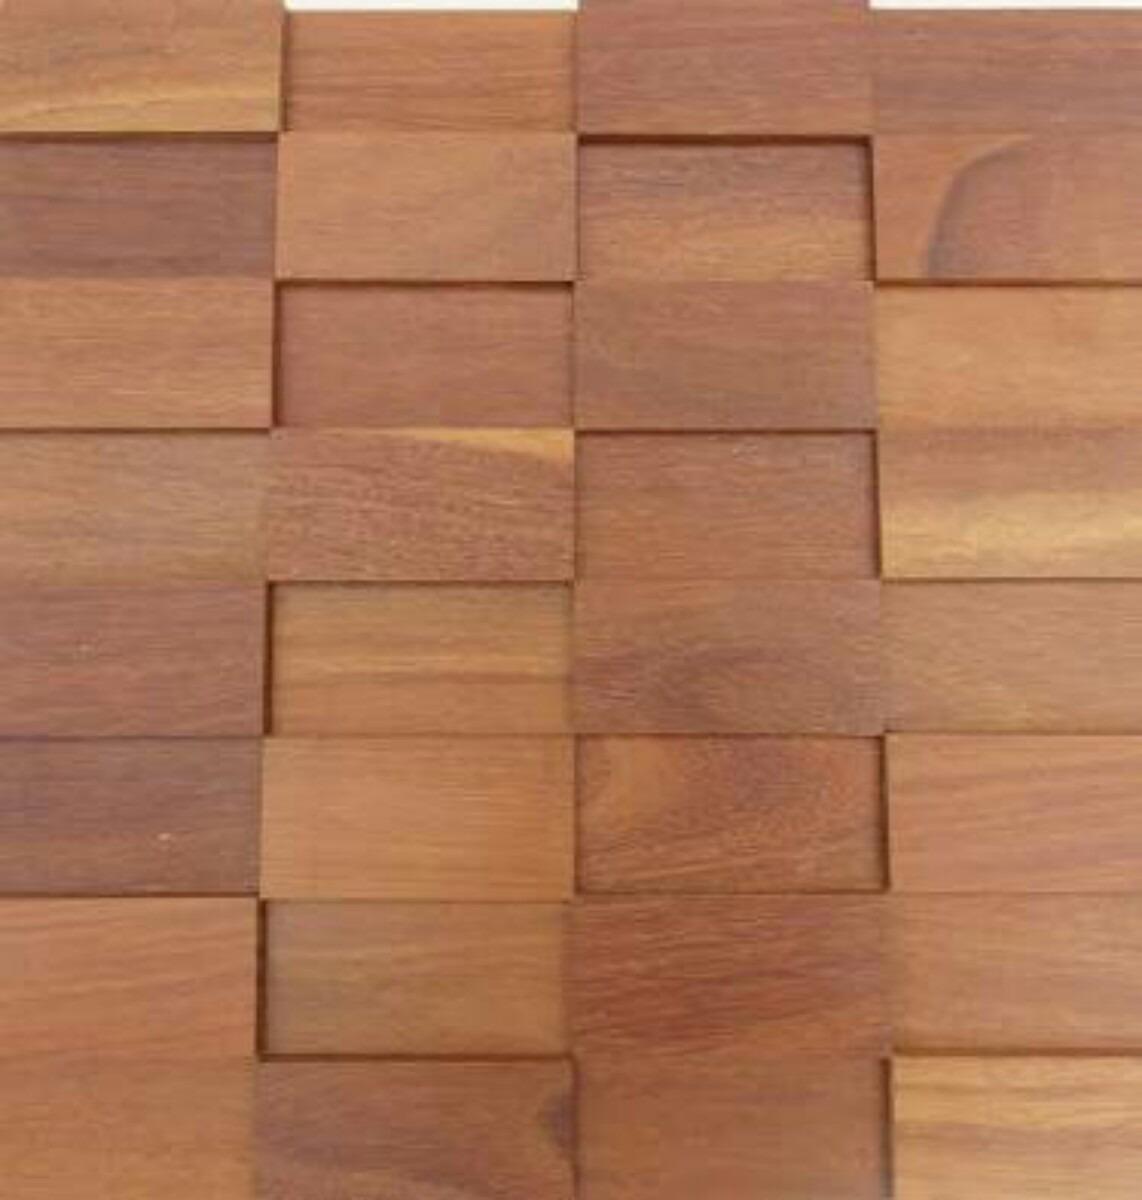 Mosaico revestimento de madeira pastilha r 21 90 em - Placas para paredes ...